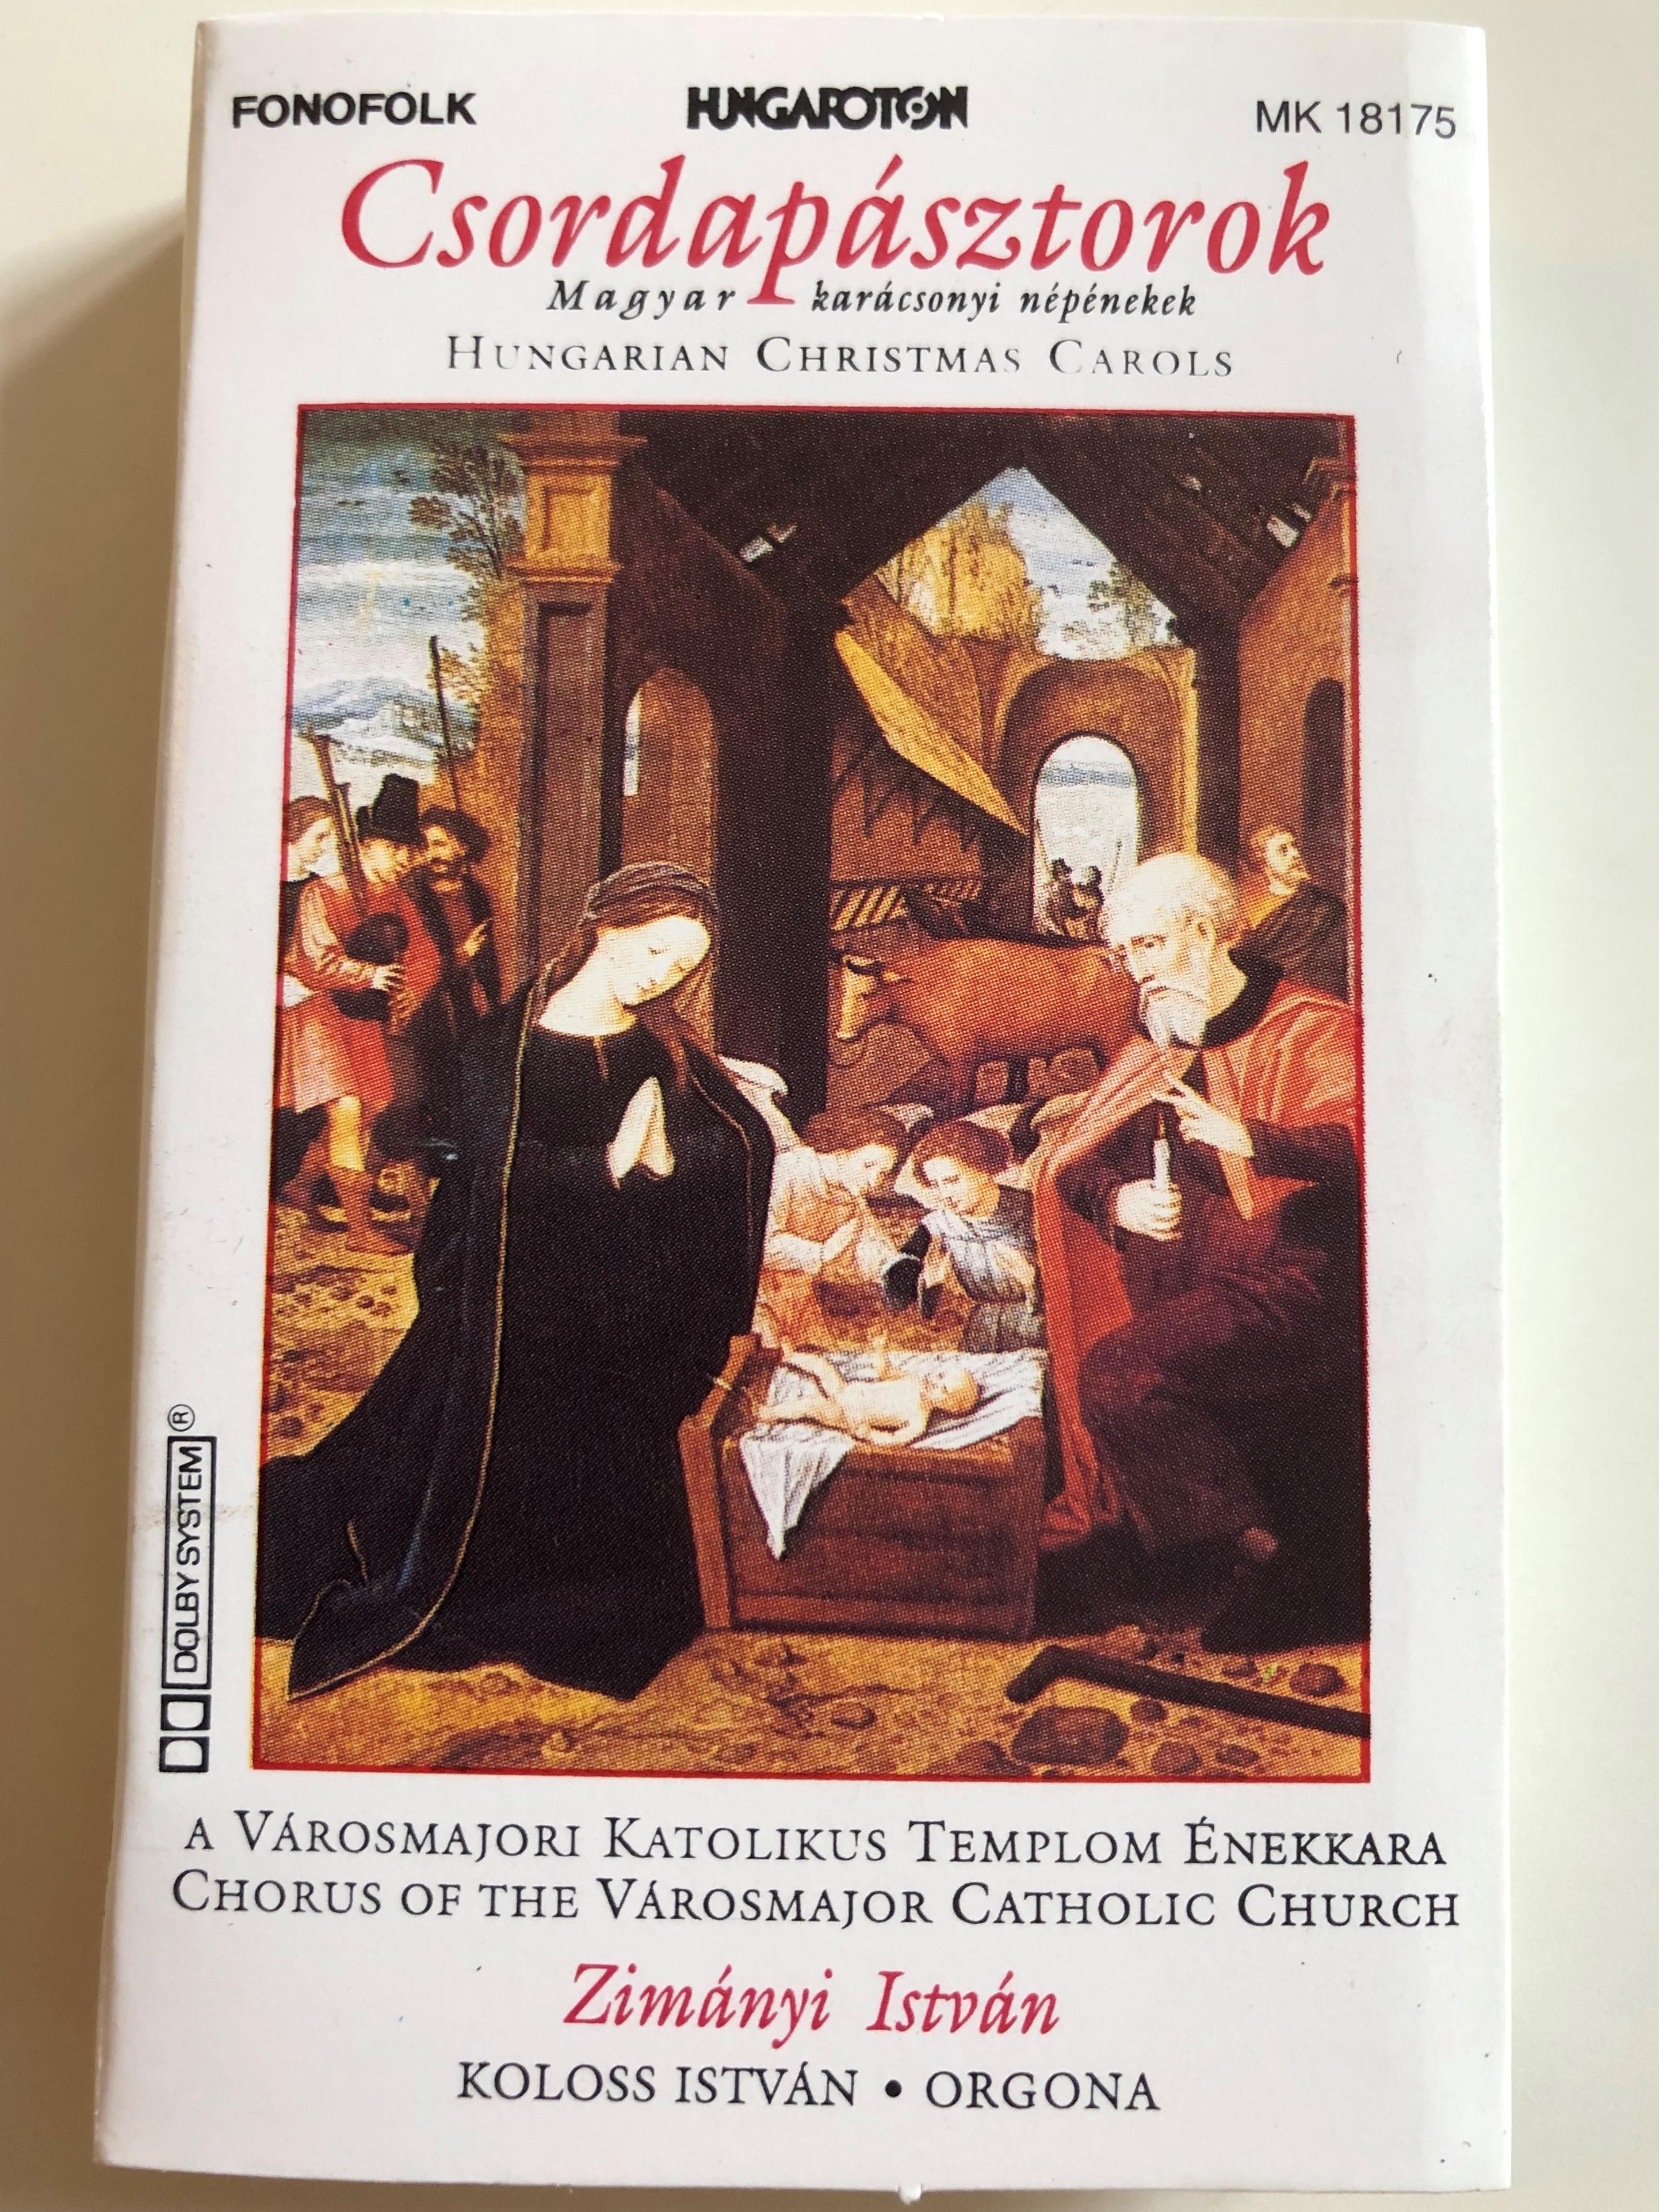 csordap-sztorok-magyar-kar-csonyi-n-p-nekek-hungarian-christmas-carols-a-v-rosmajori-katolikus-templom-nekkara-chorus-of-the-varosmajor-catholic-church-conducted-zim-nyi-istv-n-organ-ko-1-.jpg